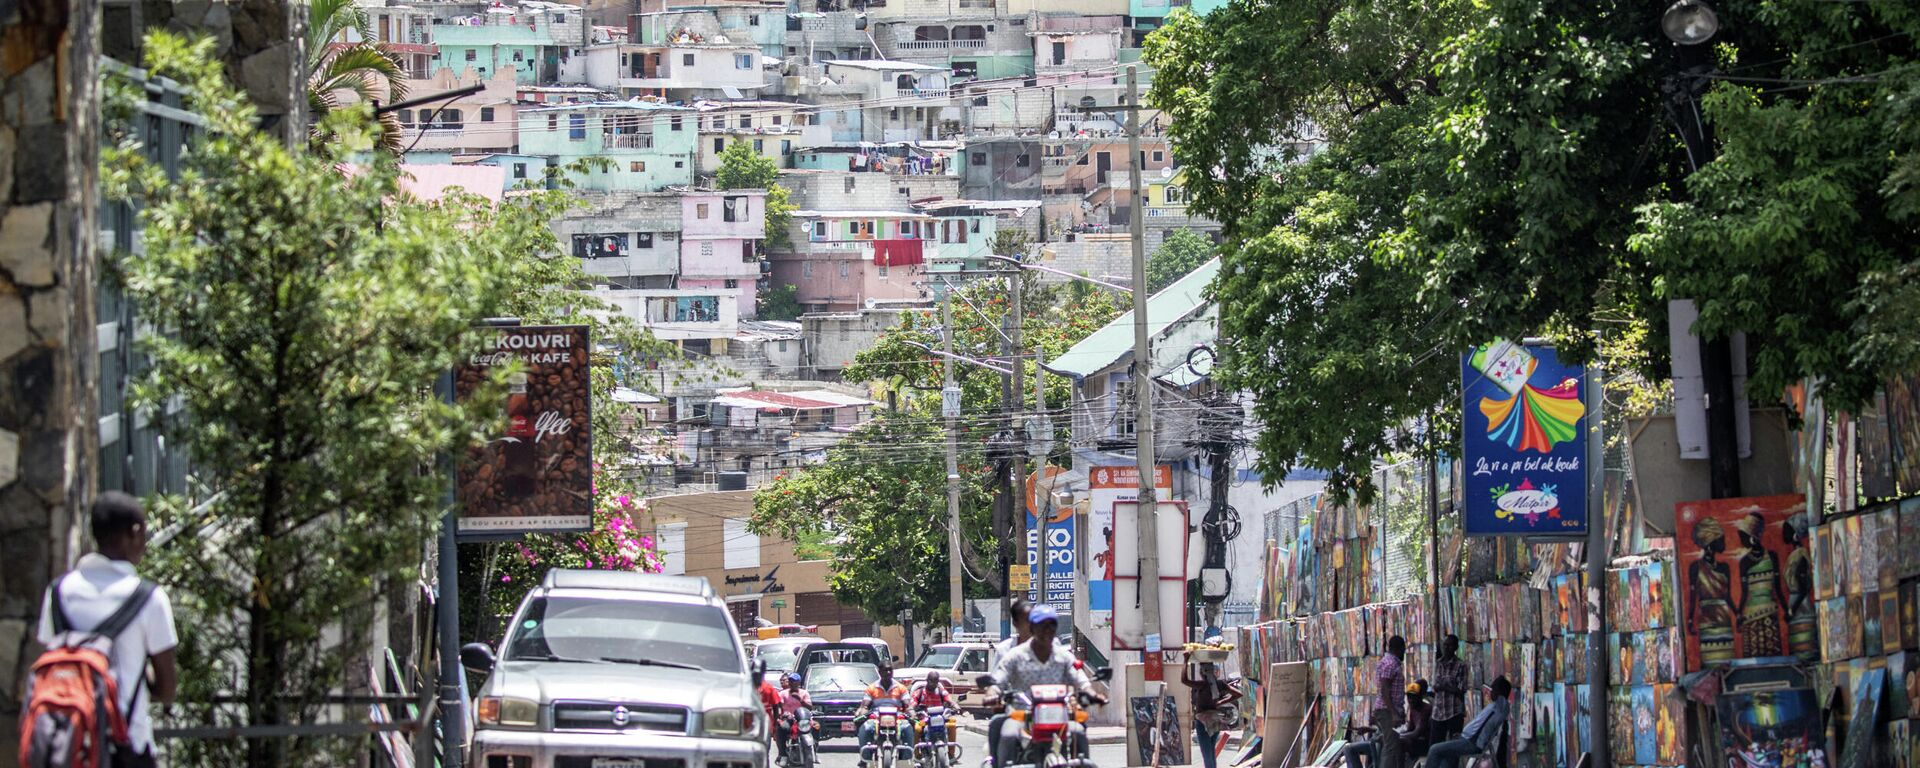 Puerto Príncipe, Haití - Sputnik Mundo, 1920, 05.08.2021